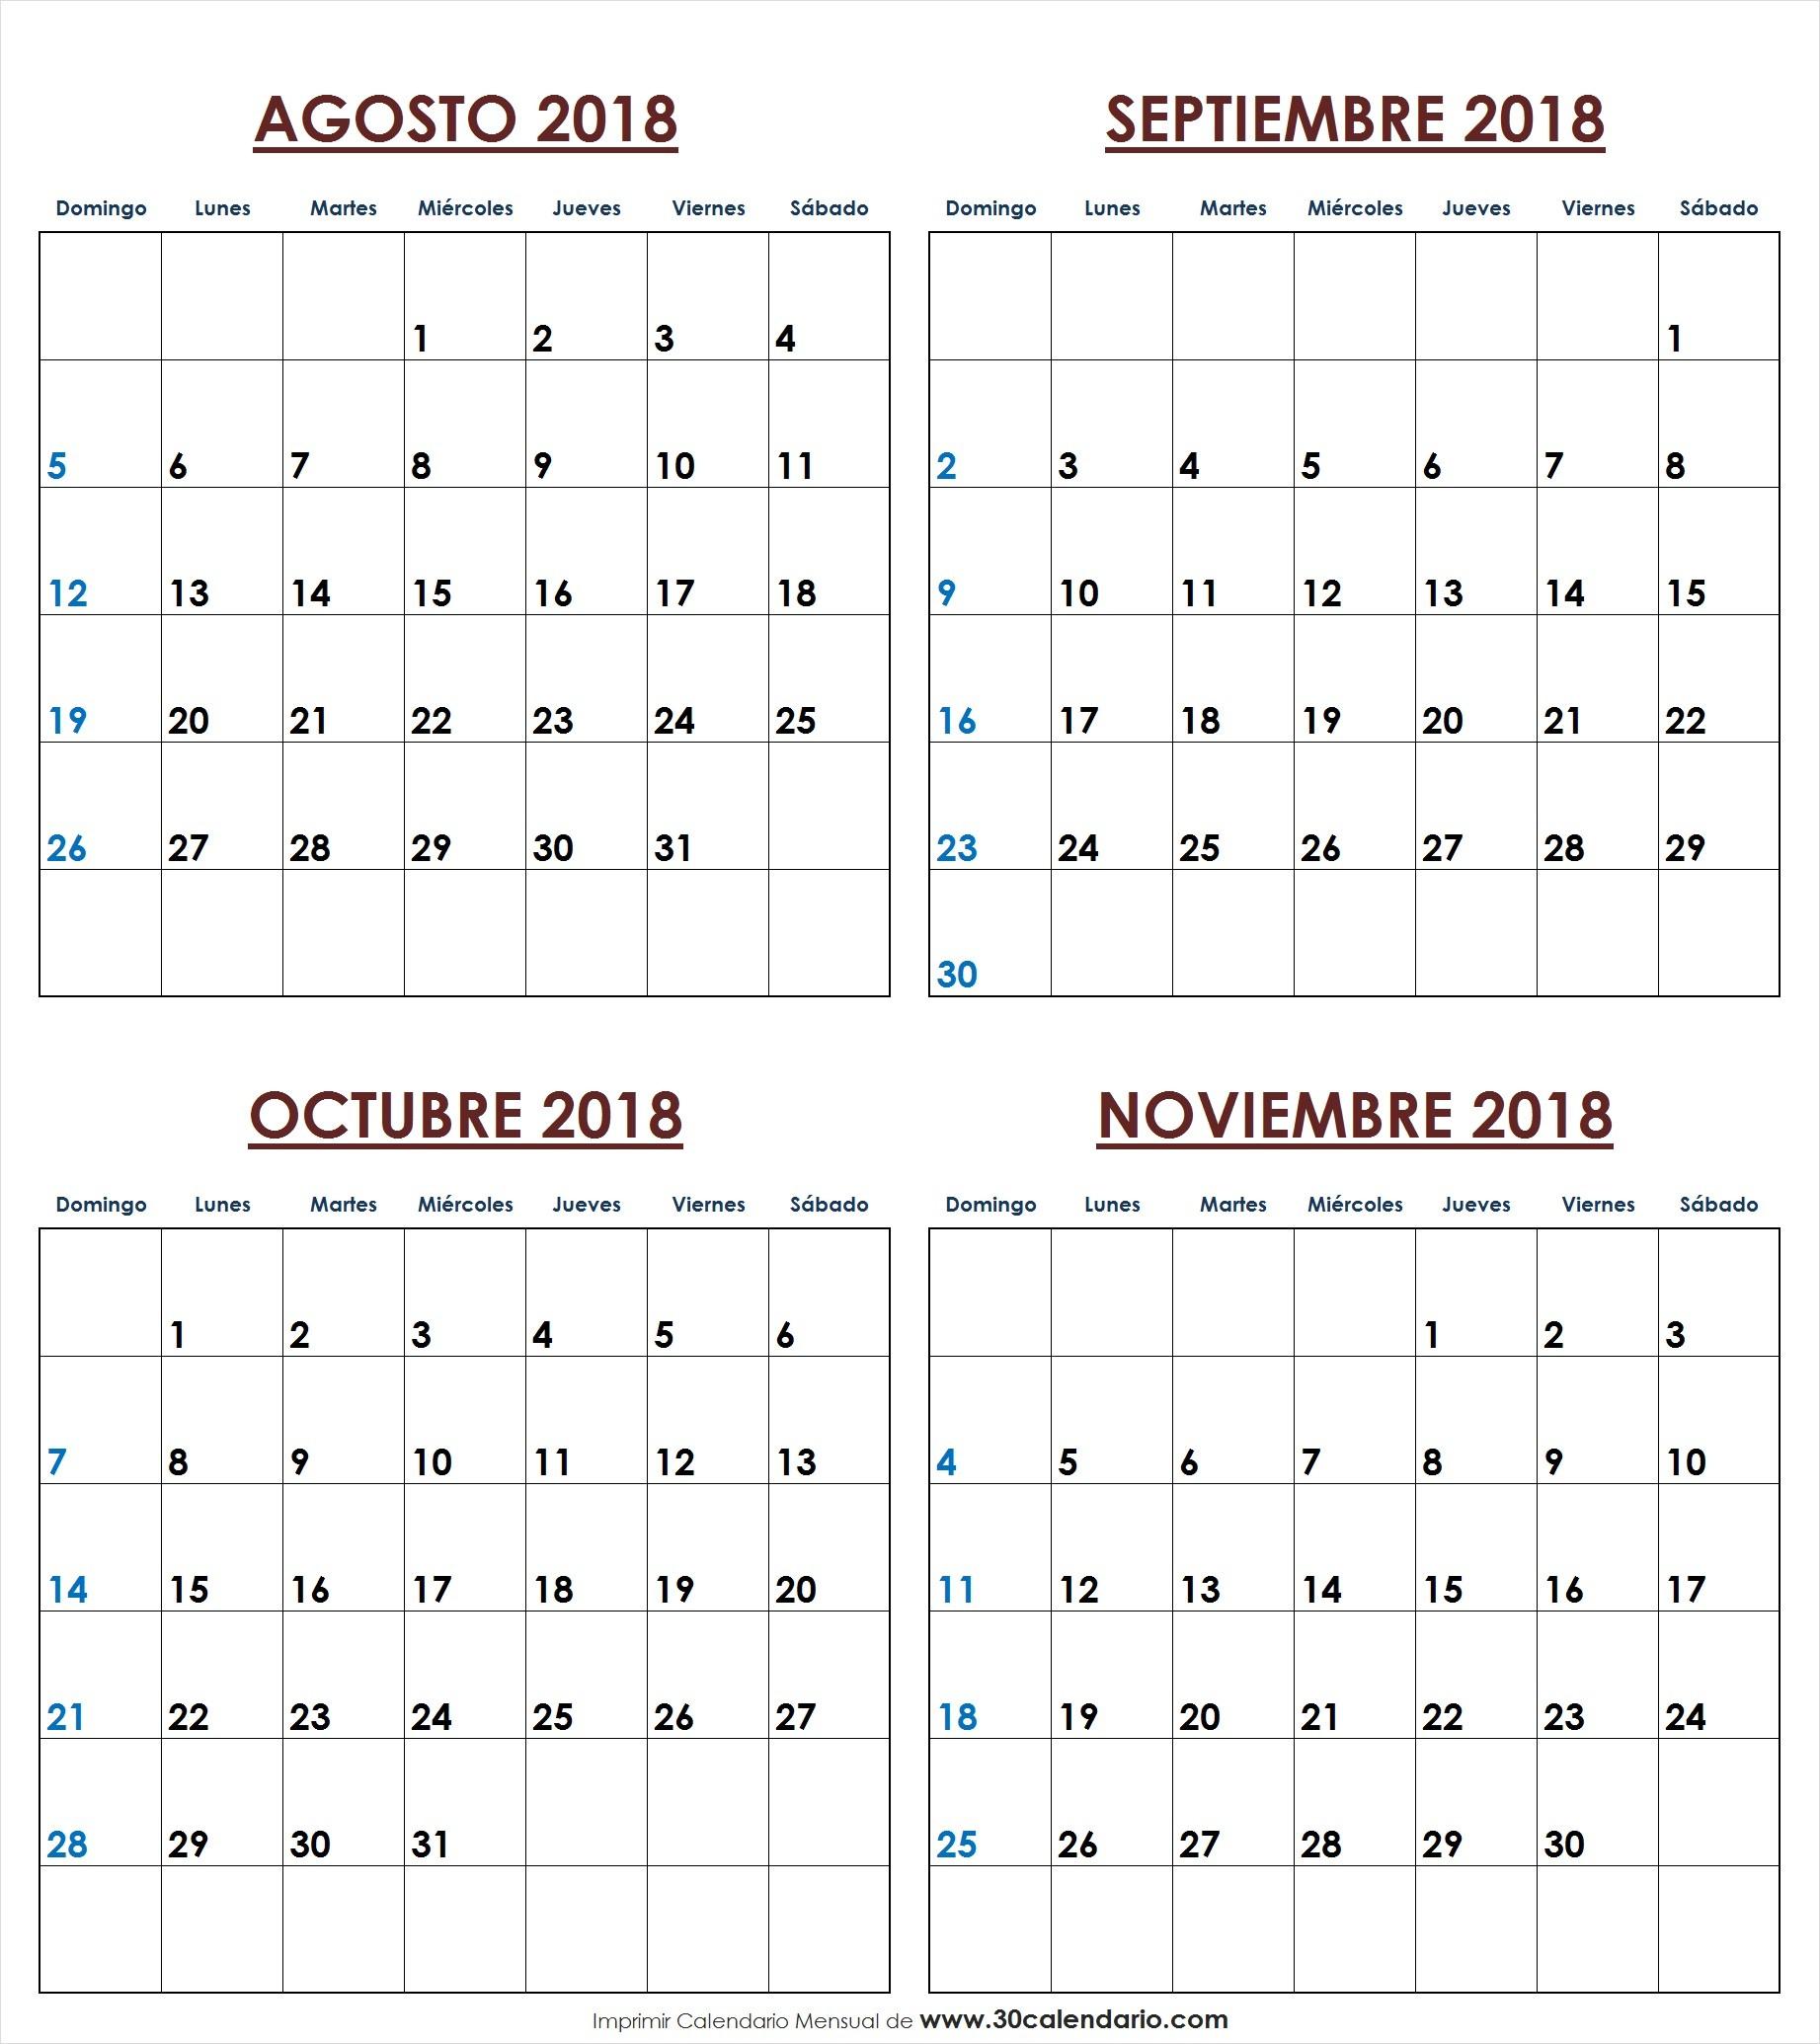 Imprimir Calendario Agosto Septiembre Más Actual Best Calendario De Octubre Y Noviembre 2018 Image Collection